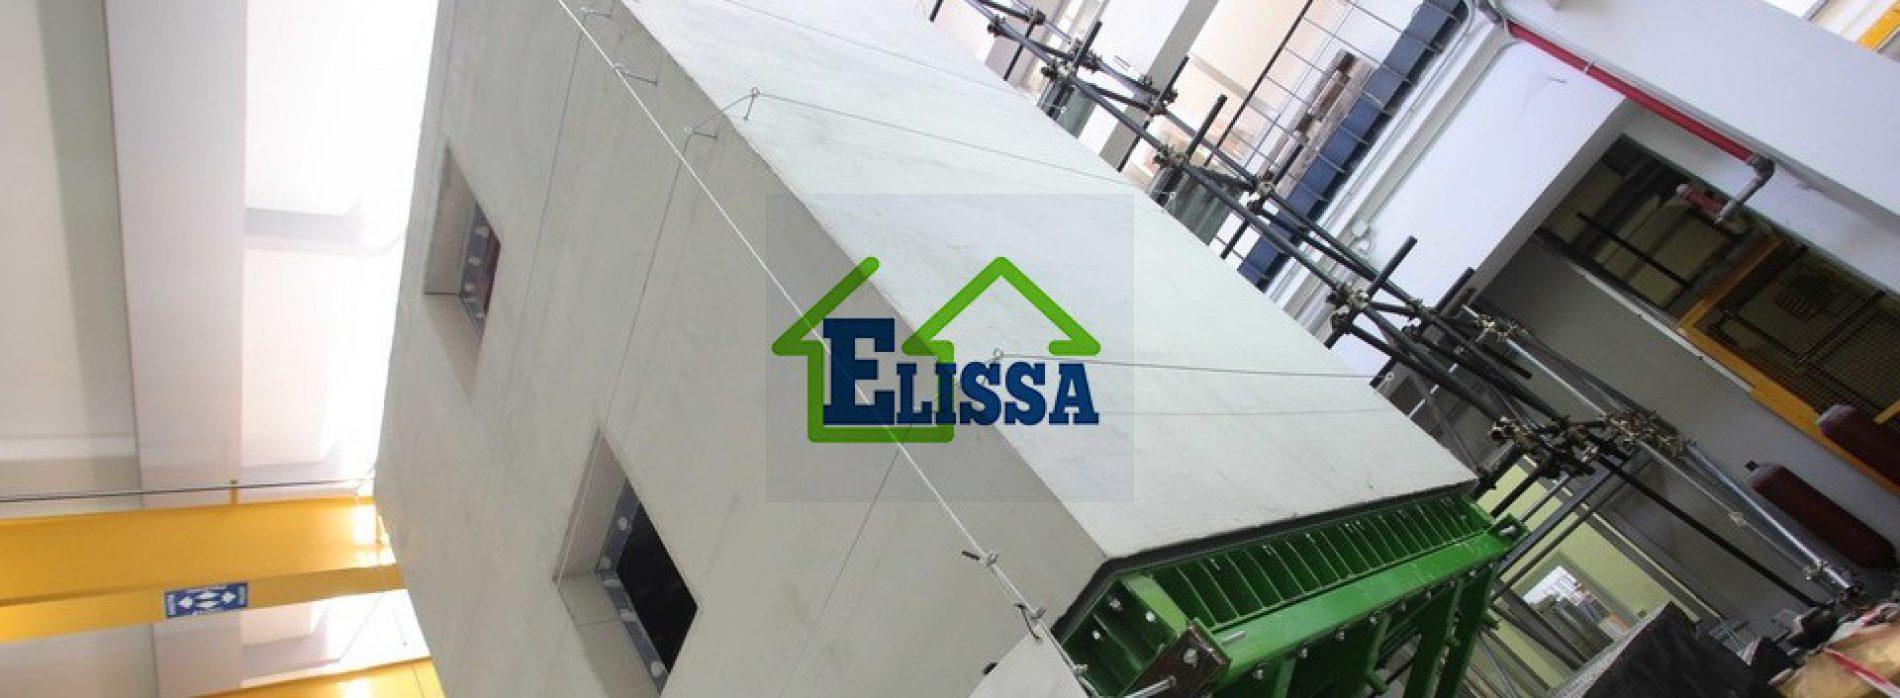 Elissa House: il prototipo dell'Università di Napoli per abitazioni antisismiche